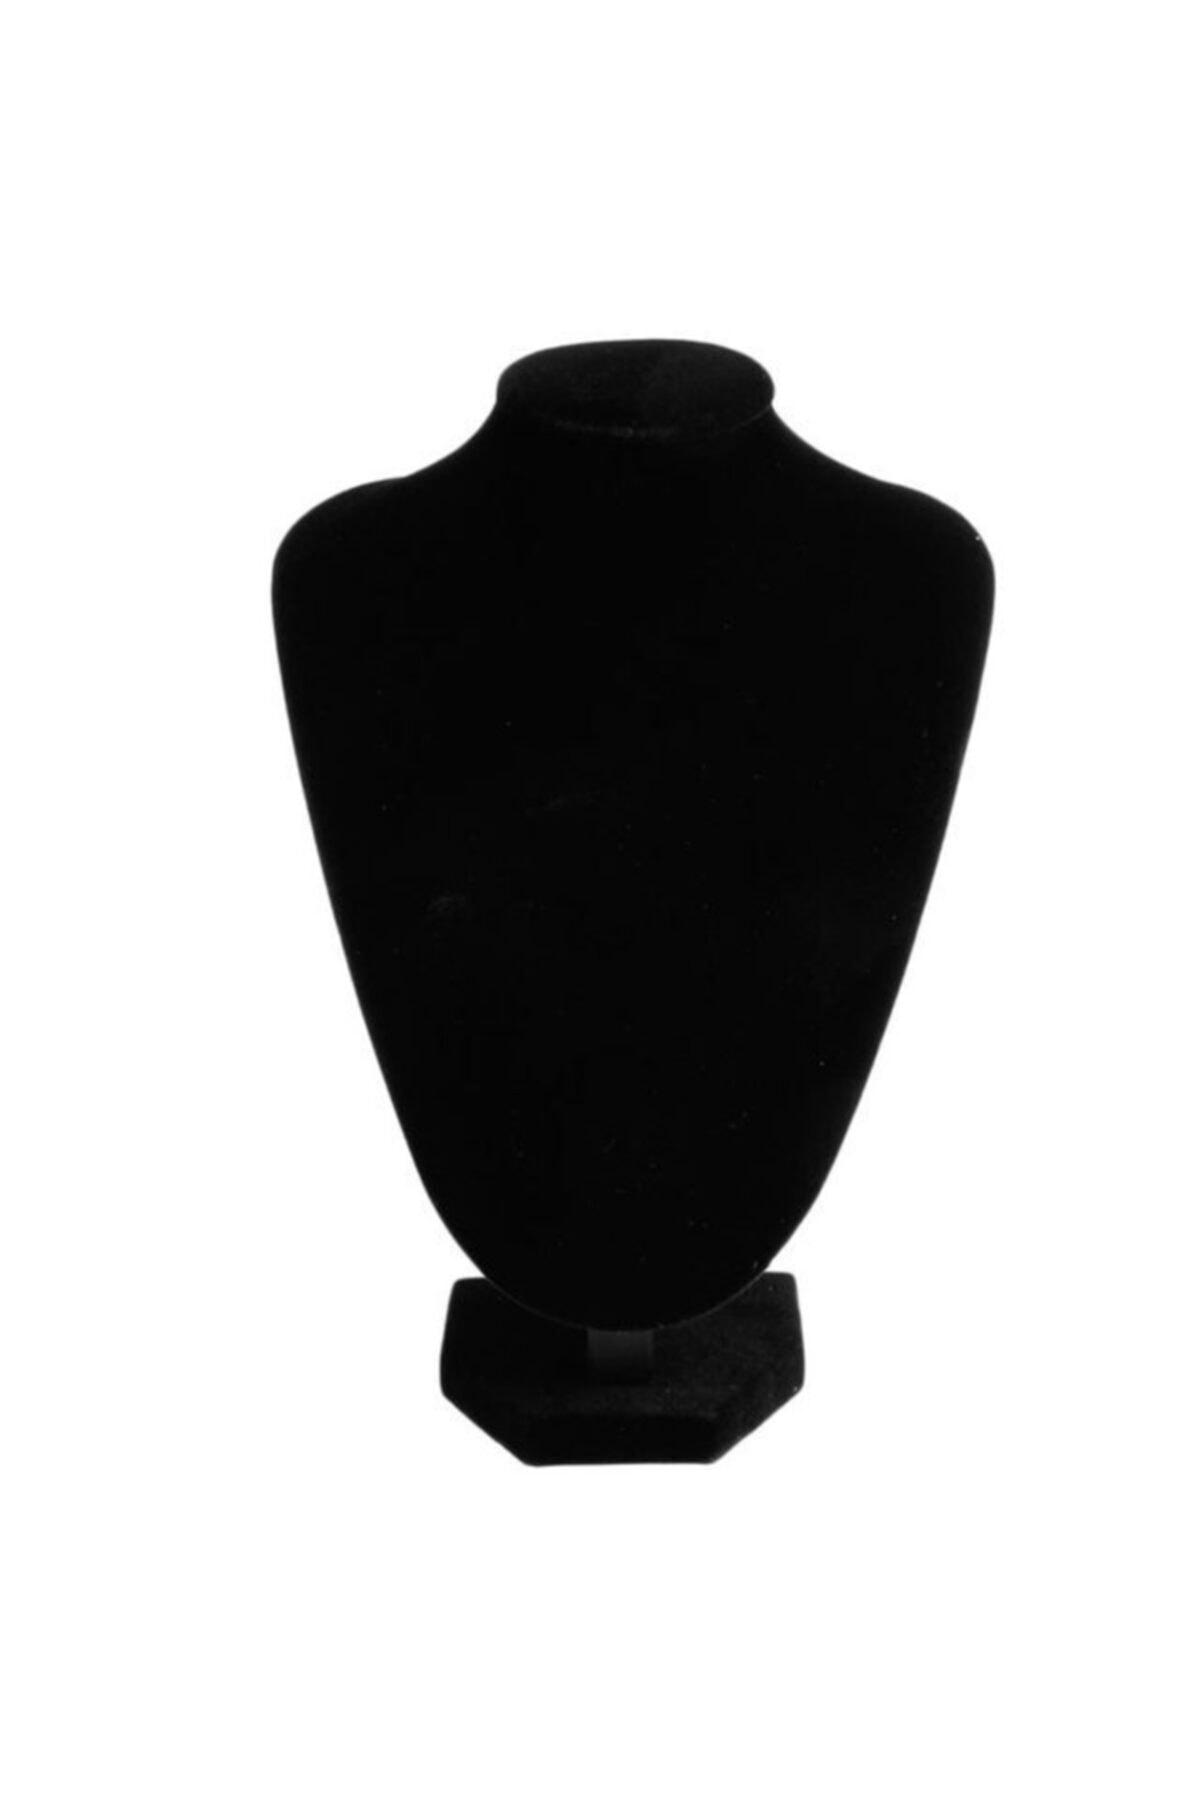 Hedef Bijuteri Manken Takı Kolye Stand Boyun Büstü Vitrin Takı Mankeni 25 cm 1